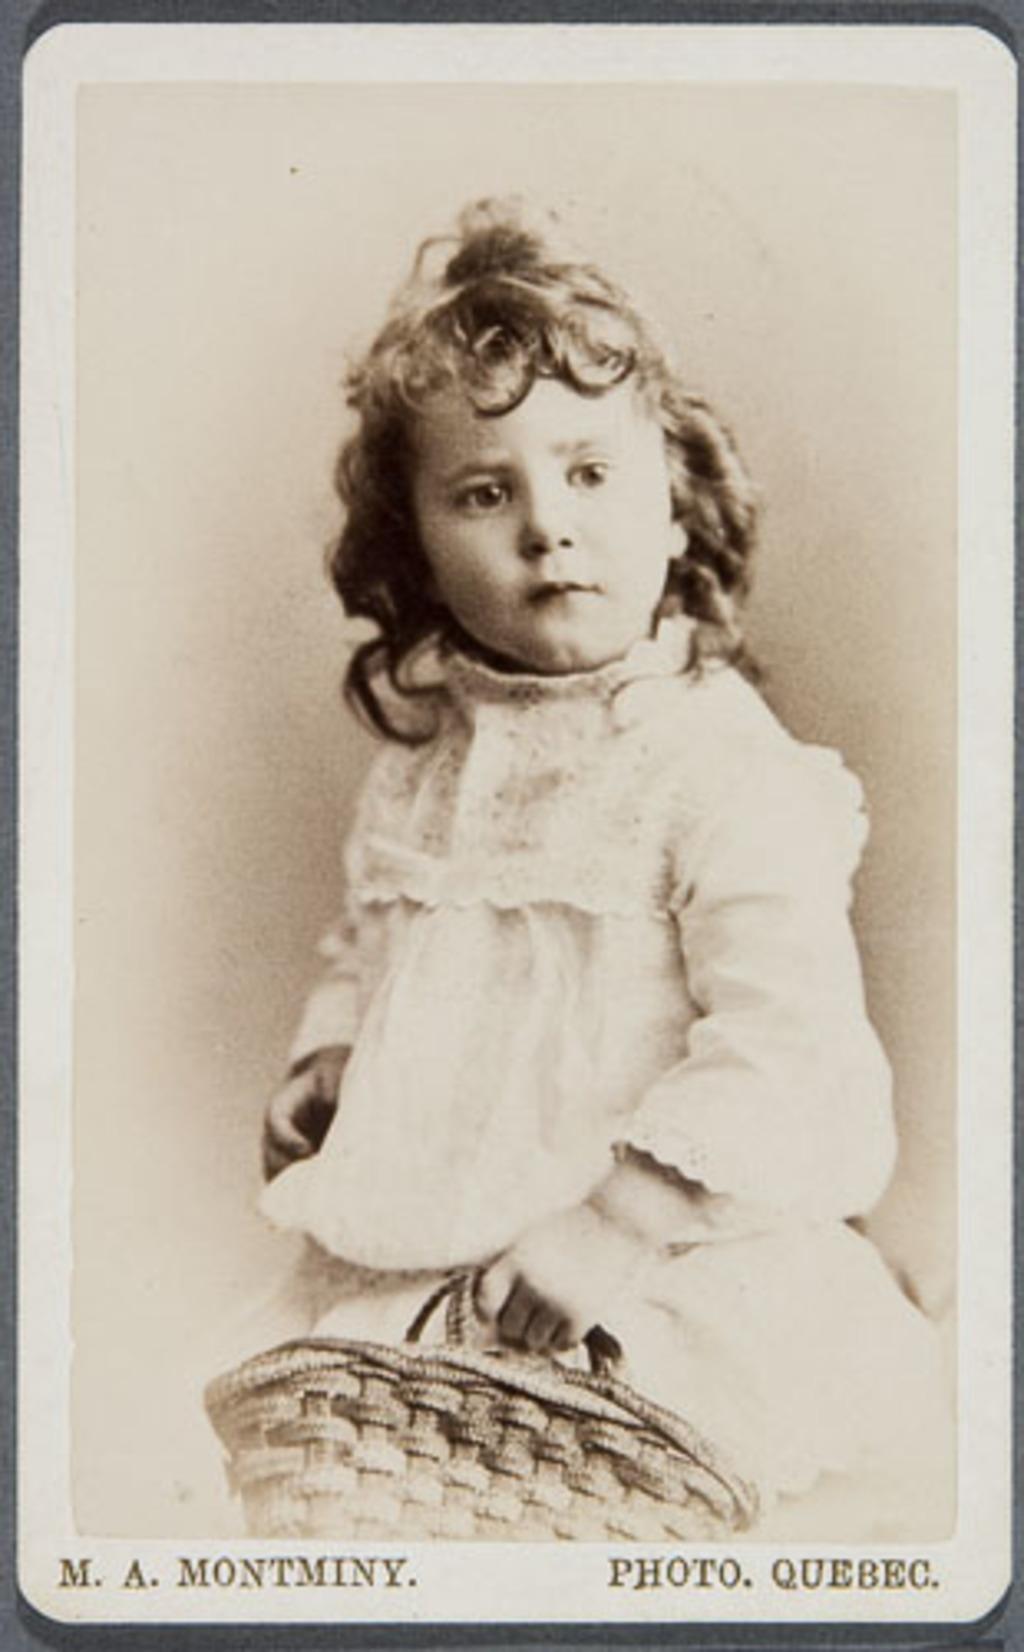 Antonia De Blois, enfant, de l'album des familles De Blois, Dugal et Langelier